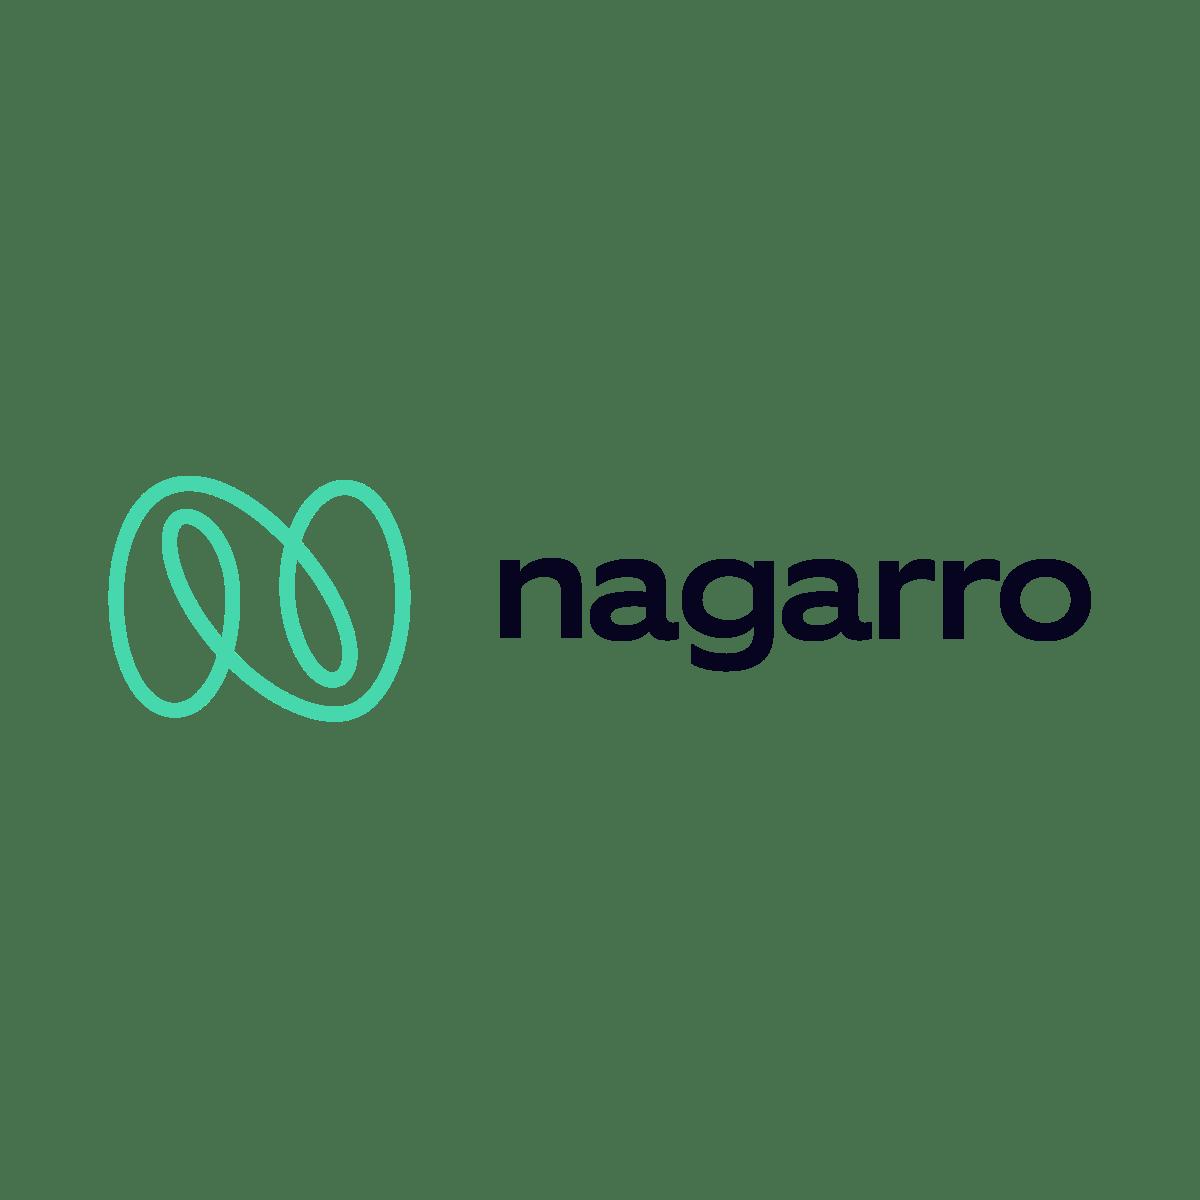 Nagarro | Fundamentale AktienanalyseLendingtree | Fundamentale Aktienanalyse